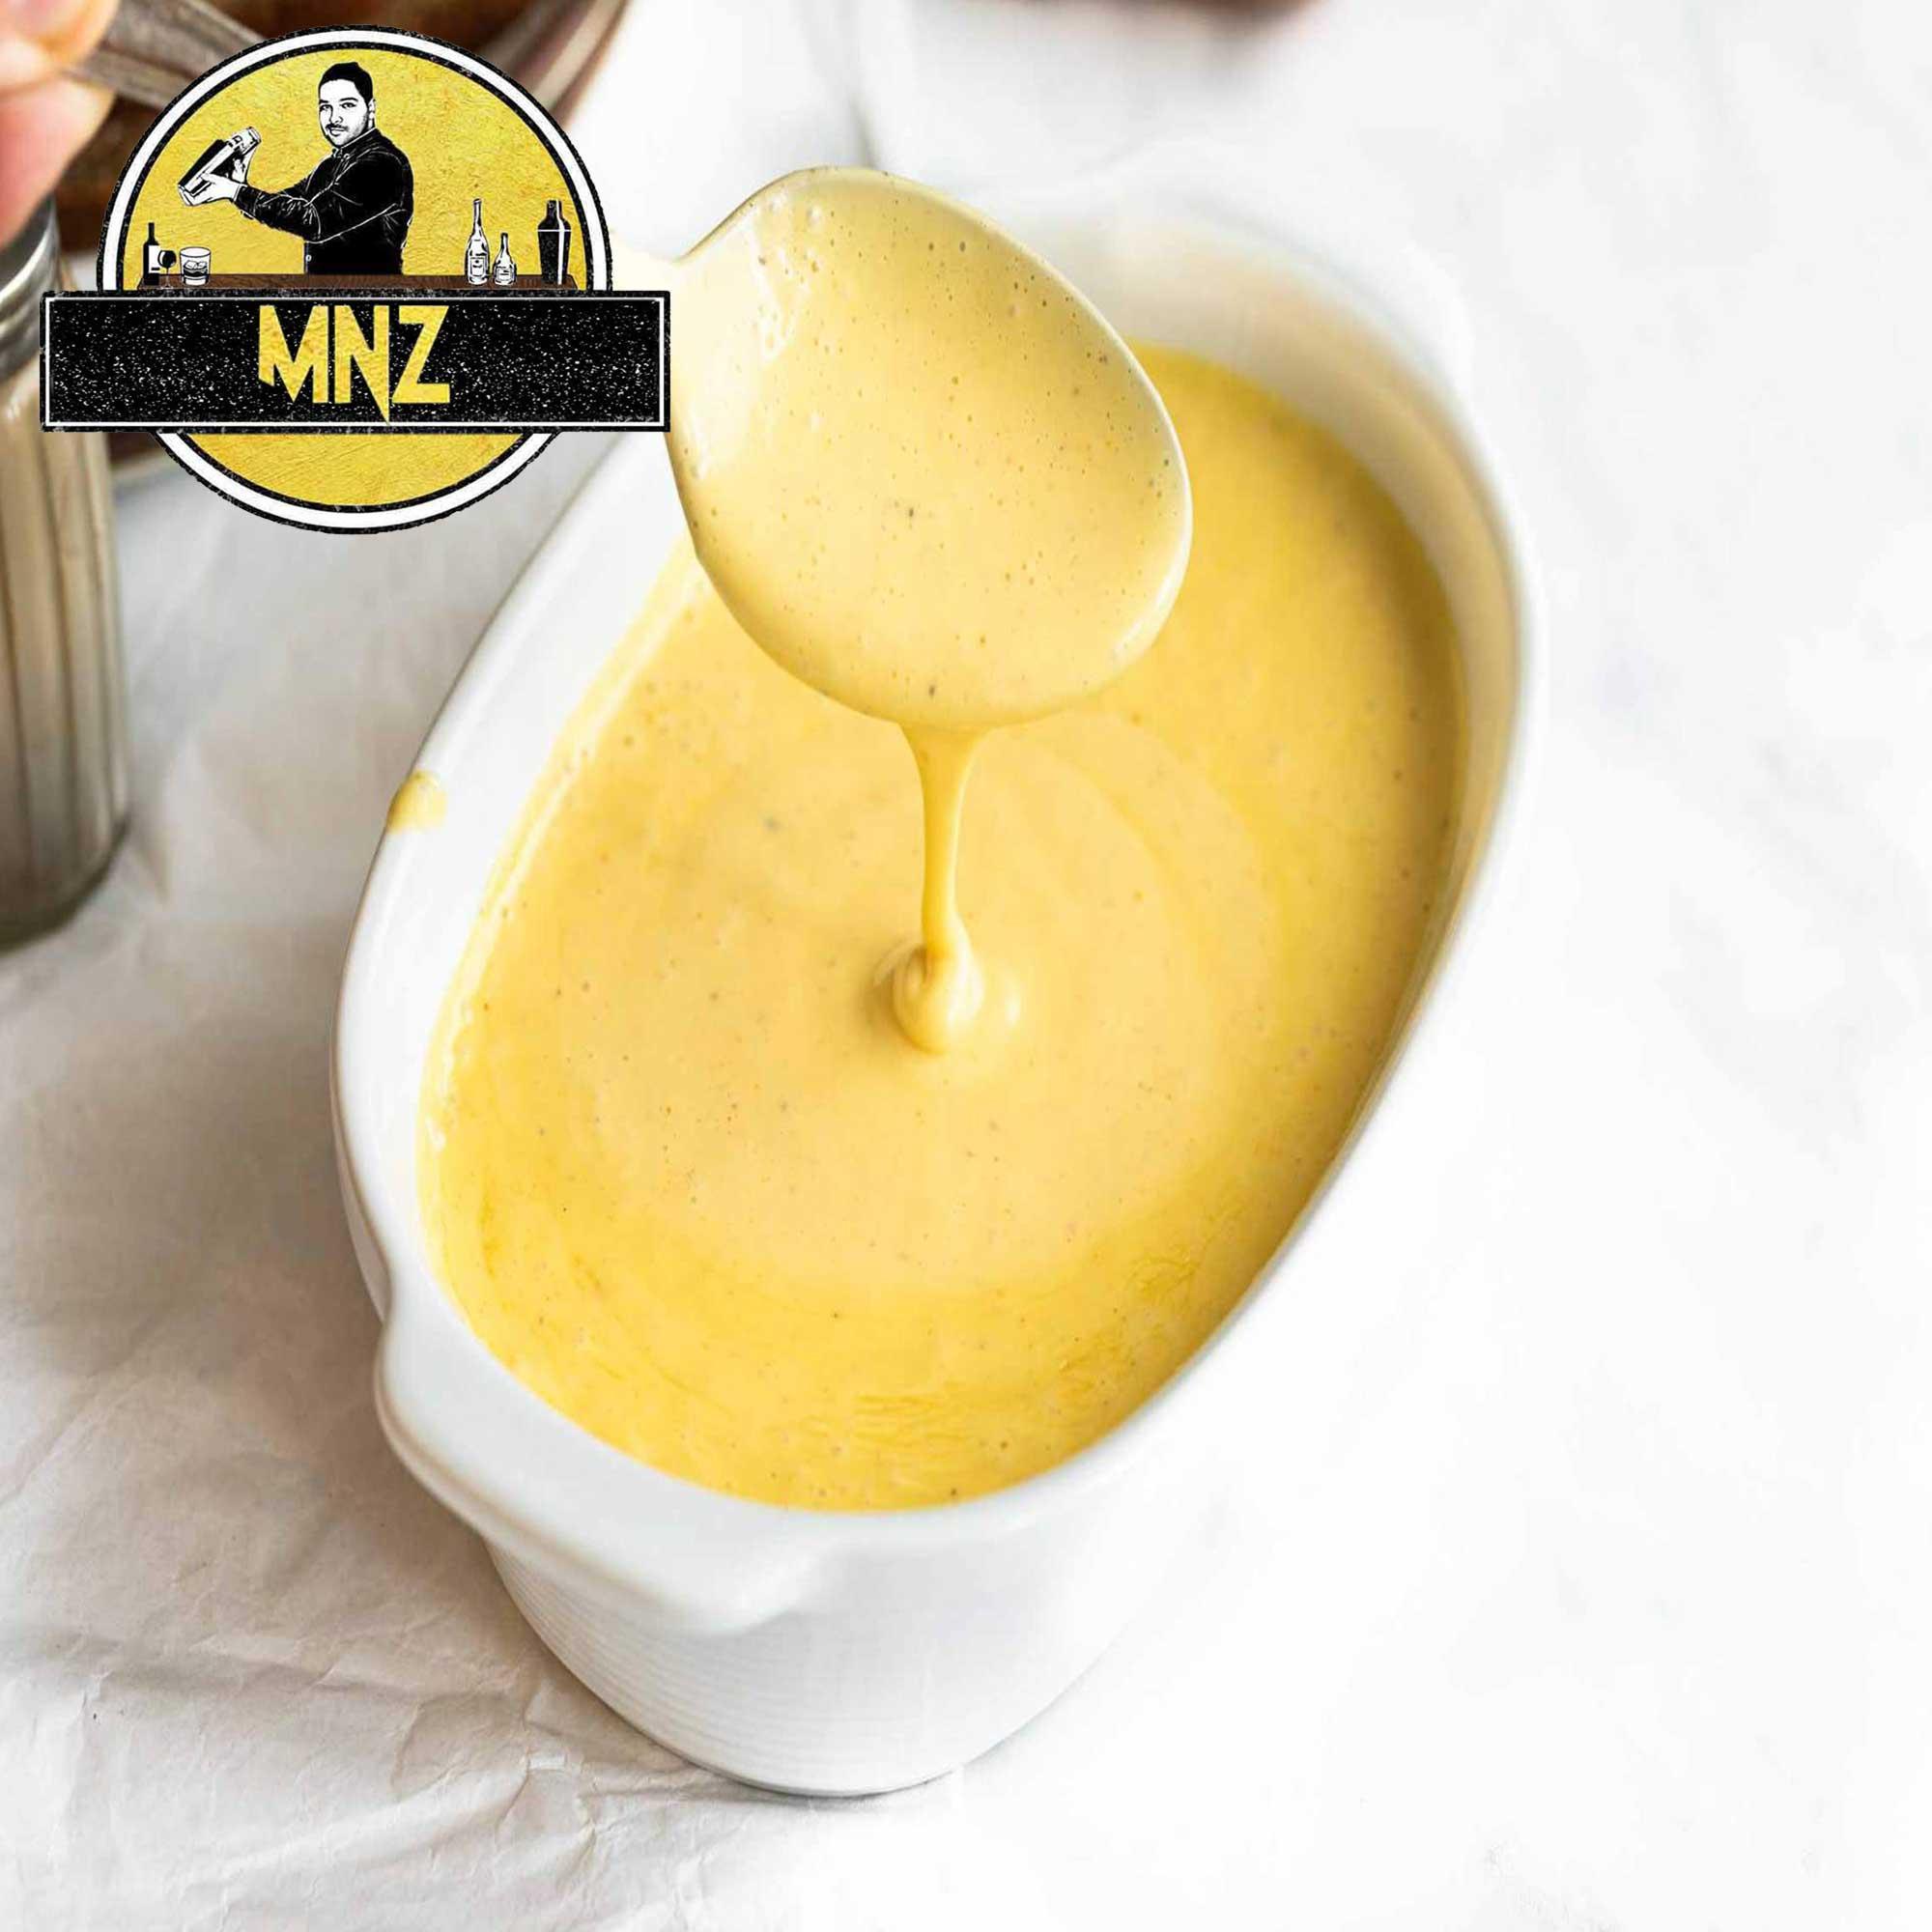 استفاده از زرده تخم مرغ در سسهای خامه ای